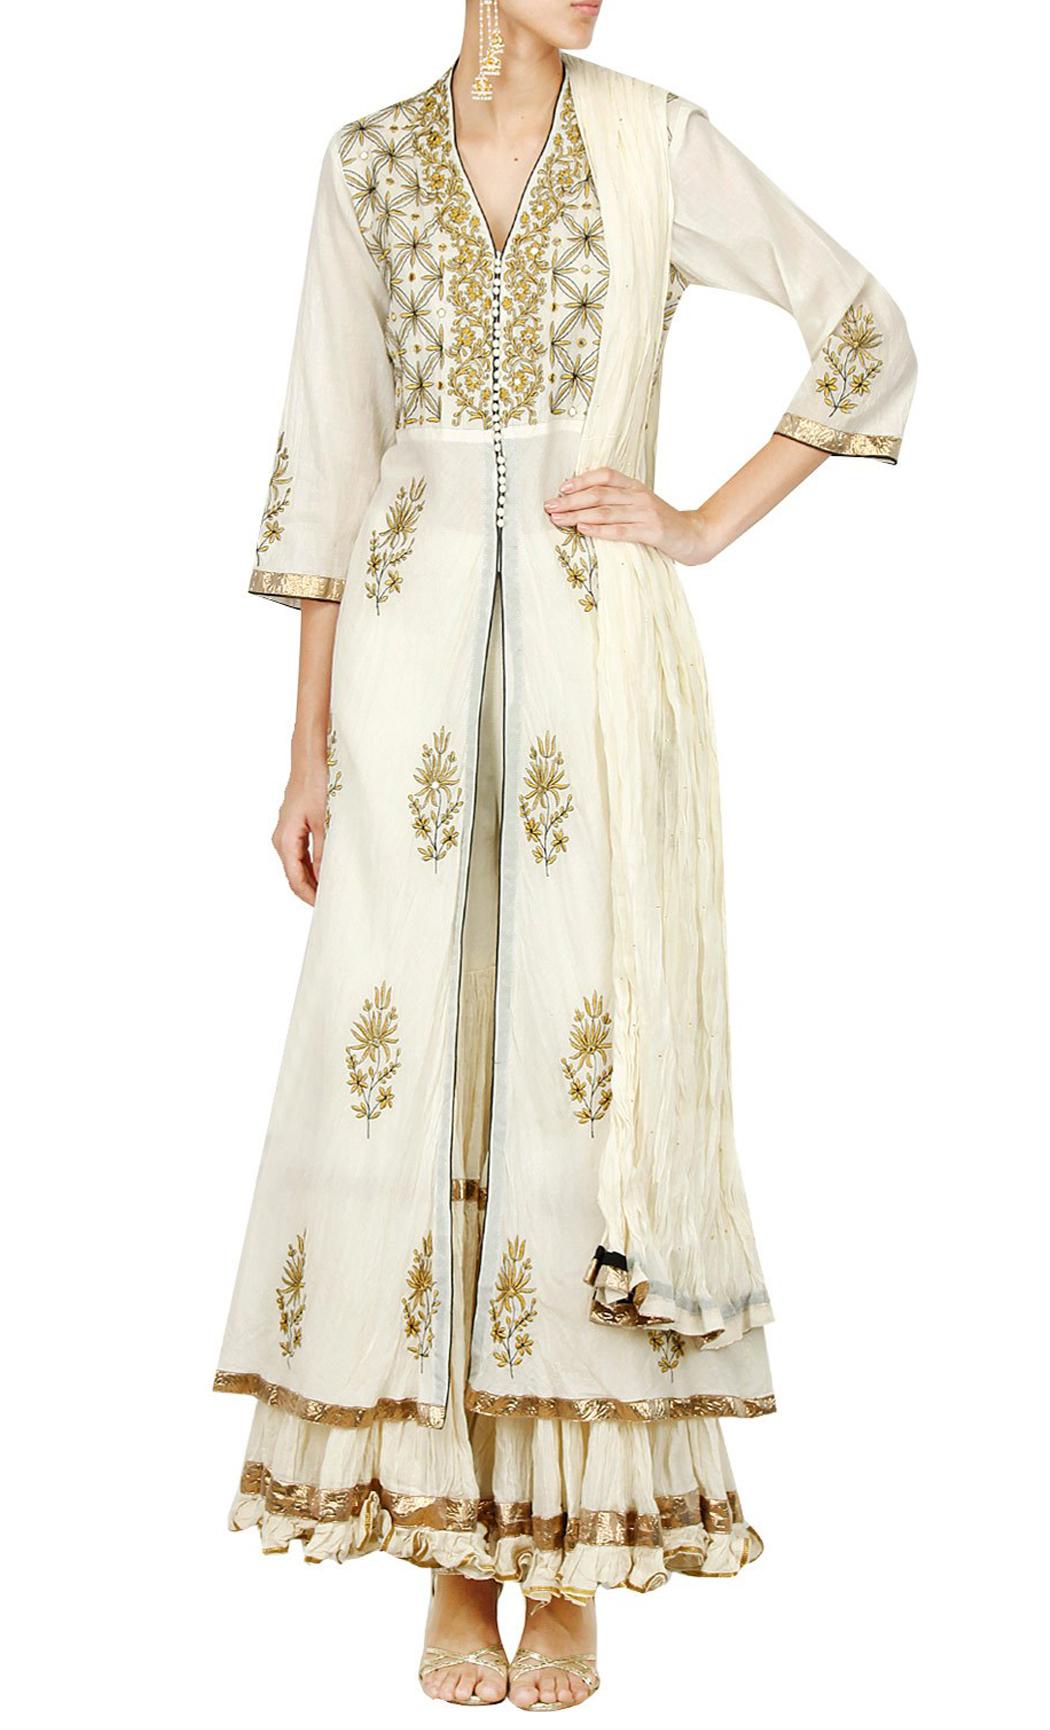 White Jacket Style Kurta and Sharara Set - Buy Online